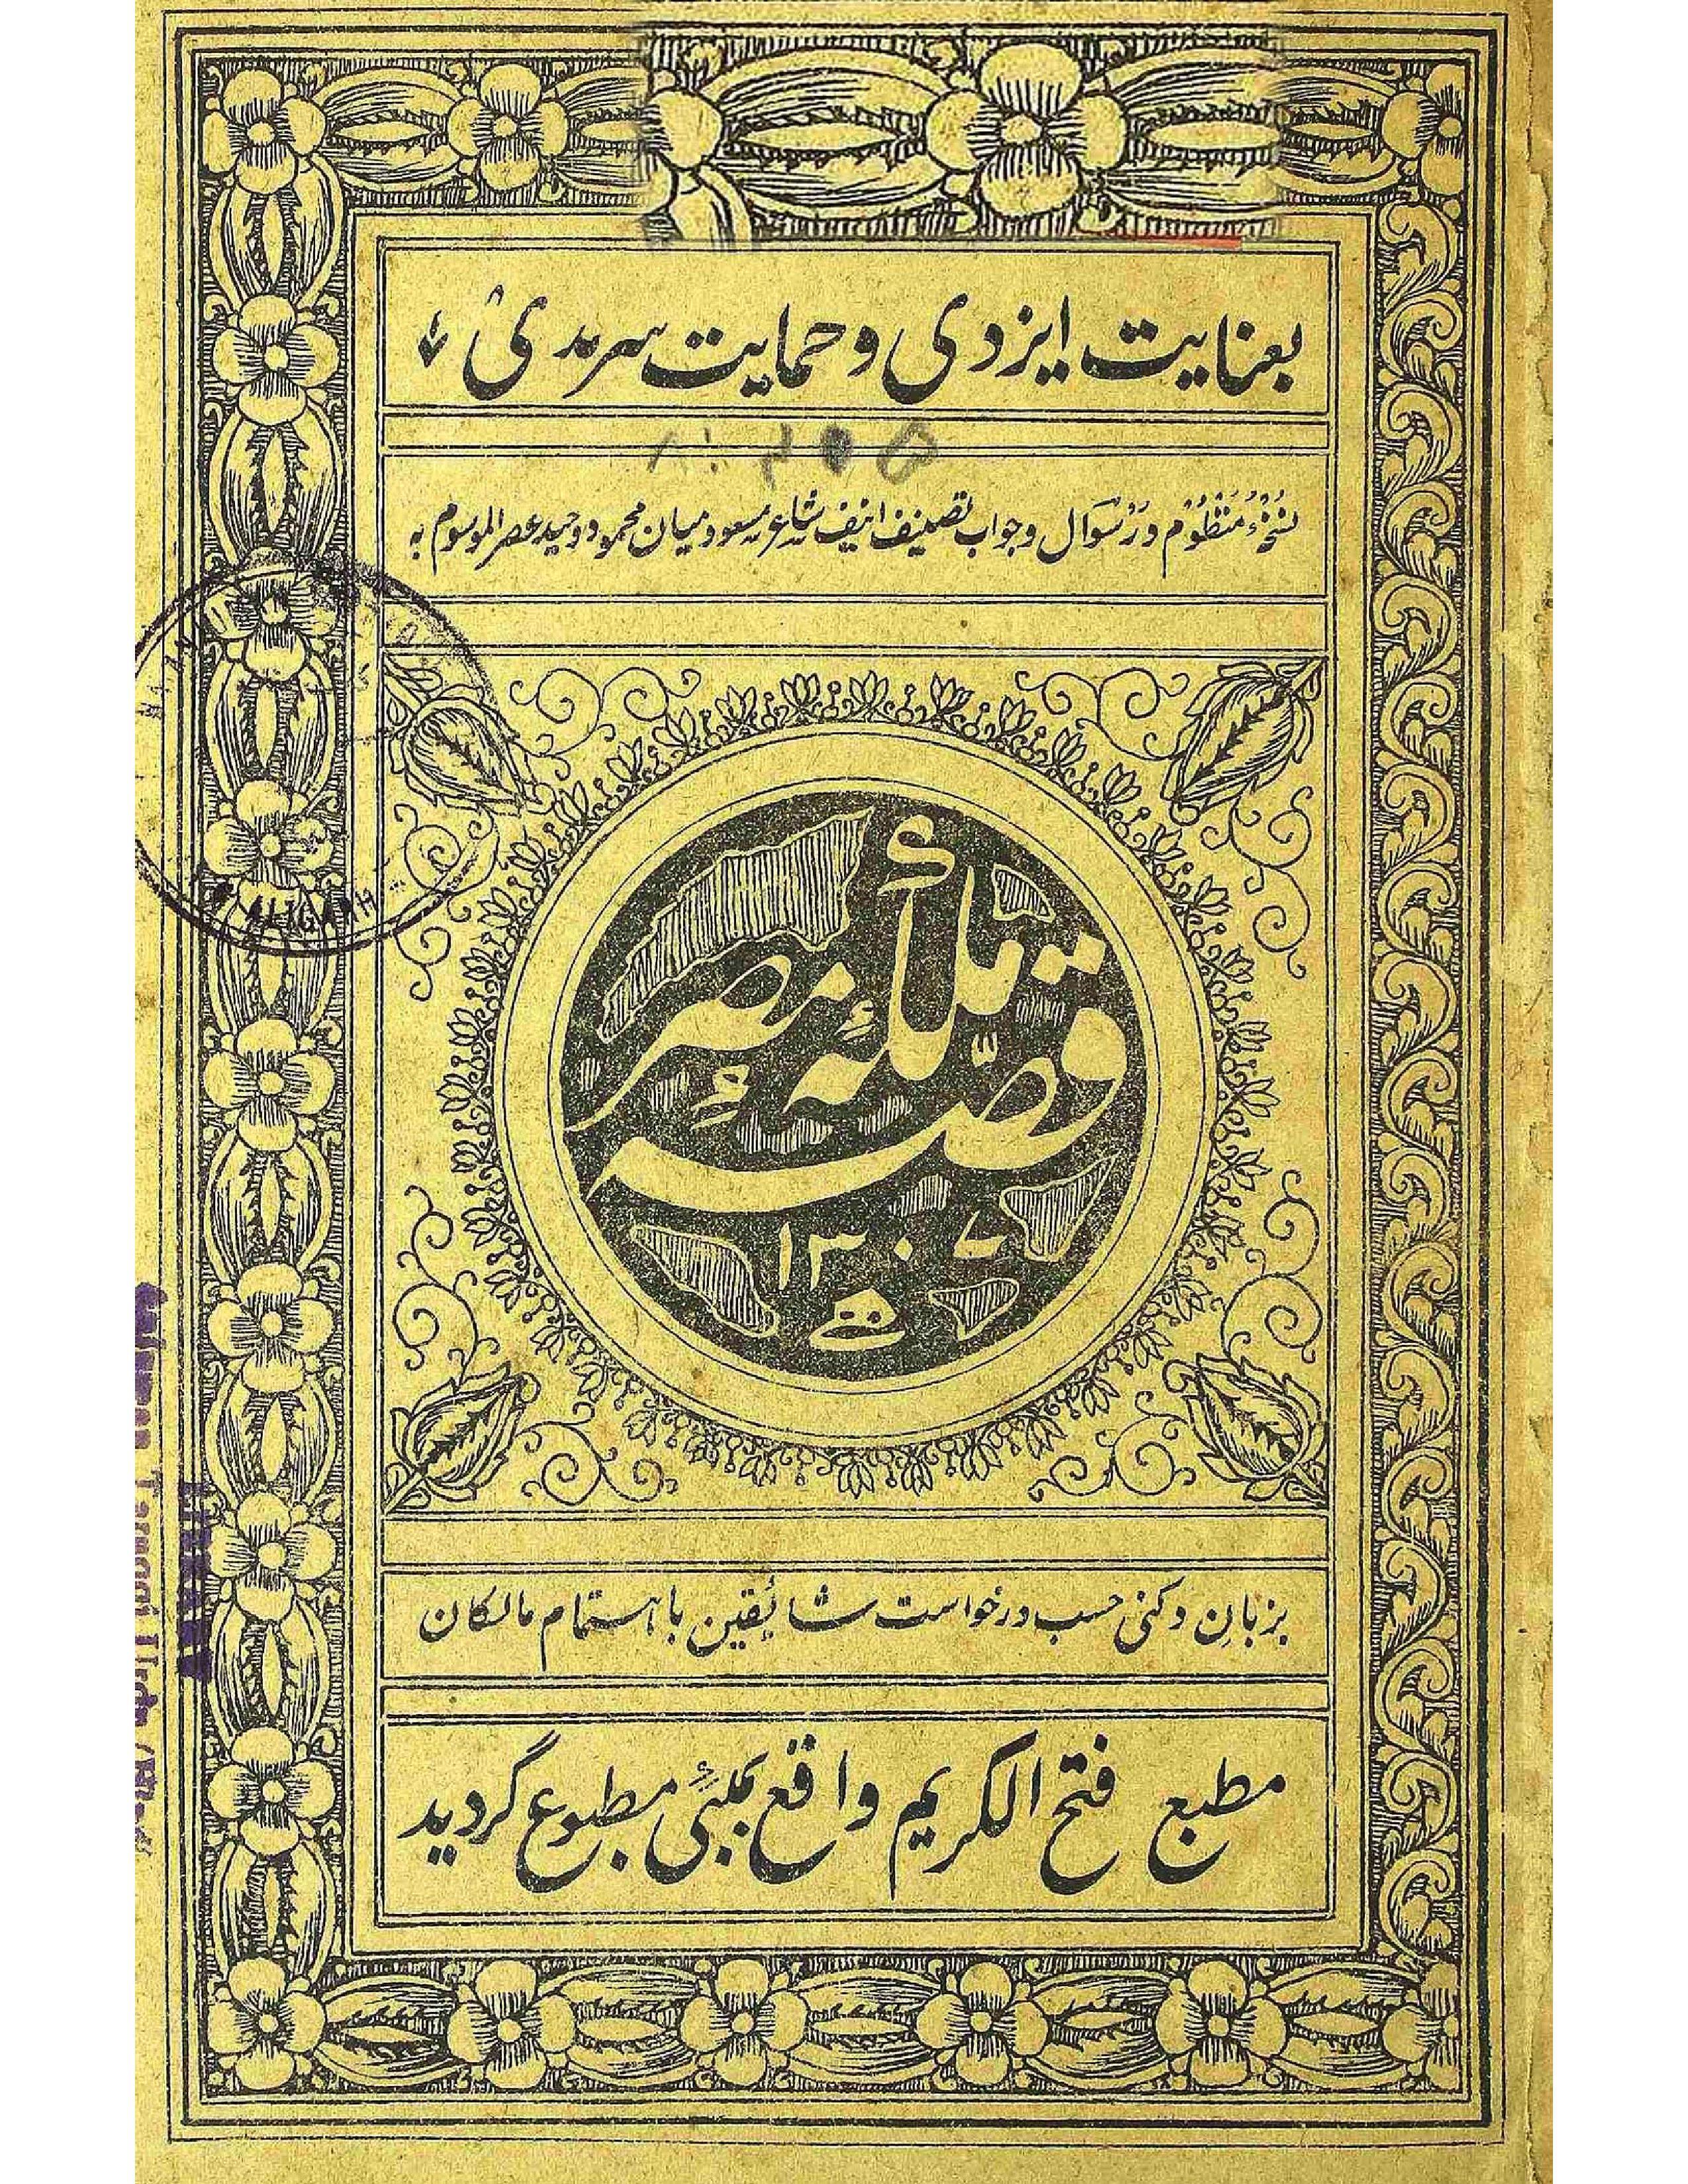 Qissa Malka-e-Misr